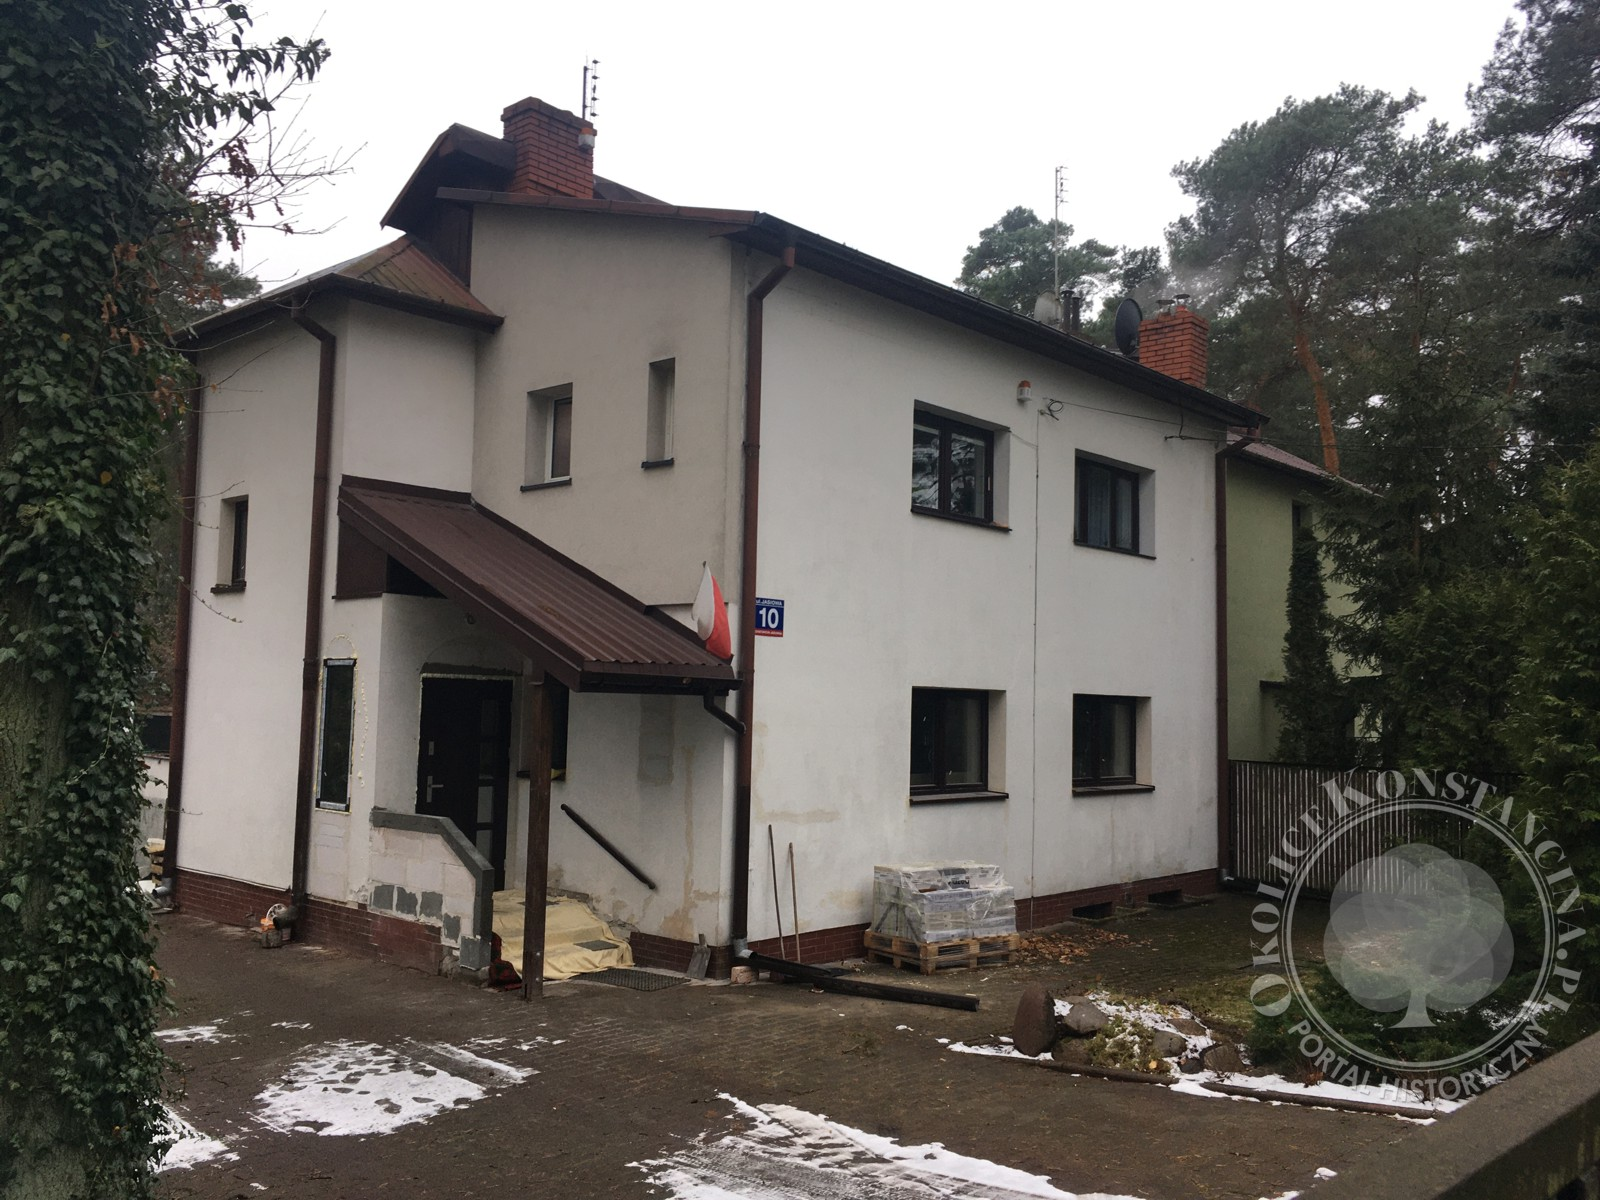 Północno-zachodnia fasada domu dr Bernsteina po nieudanej przebudowie-ul.Jasiowa 10 (fot. A.Zyszczyk)